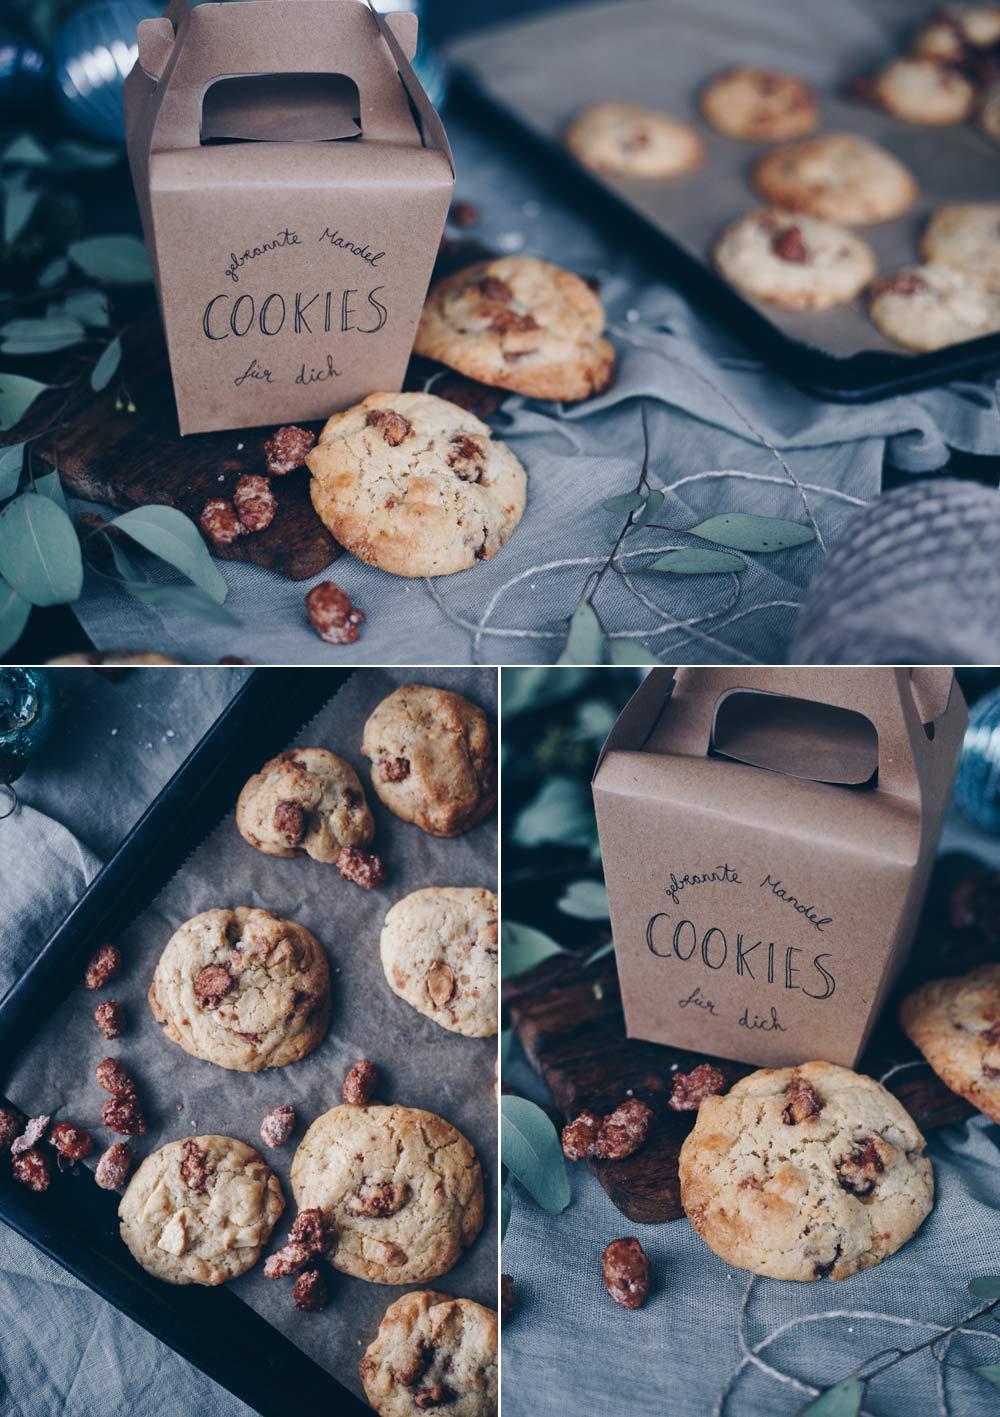 Cookies mit gebrannten Mandeln - Weihnachtsbäckerei - DIY Weihnachtsgeschenke aus der Küche